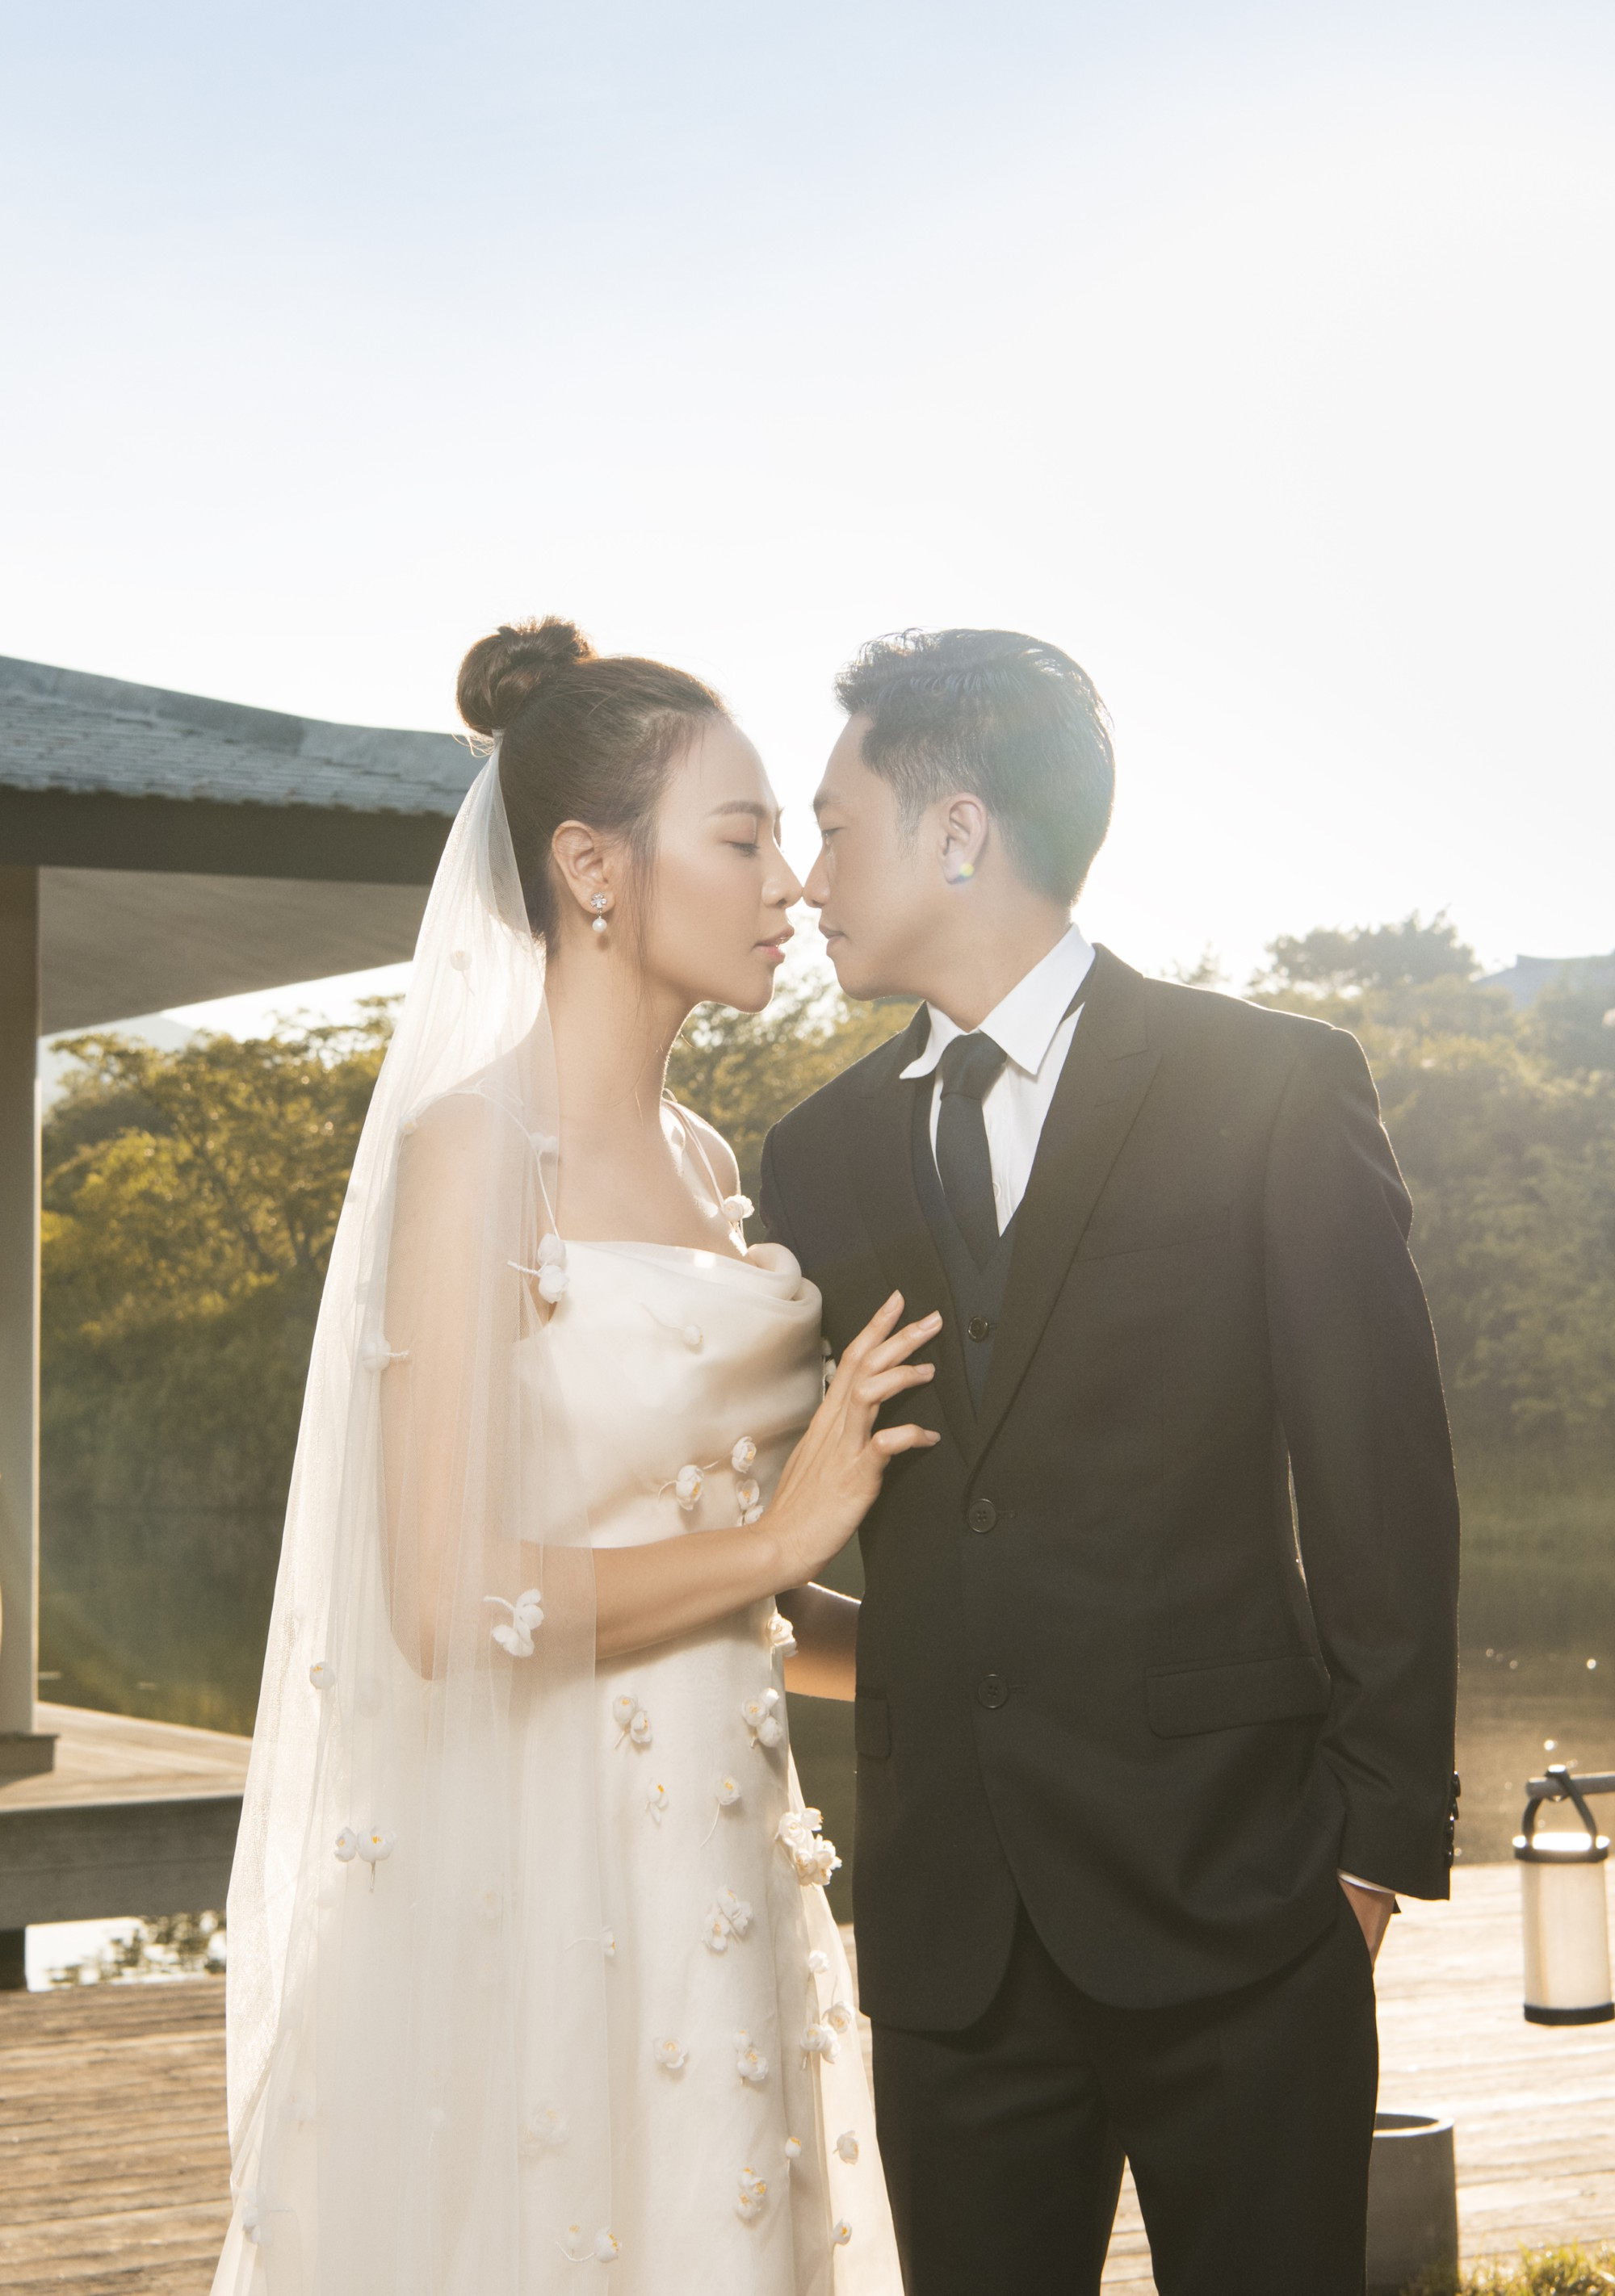 Hé lộ thêm ảnh cưới của Đàm Thu Trang và Cường Đô La trước ngày trọng đại: Quá ngọt, cô dâu thay tới 8 trang phục khác nhau - Ảnh 7.